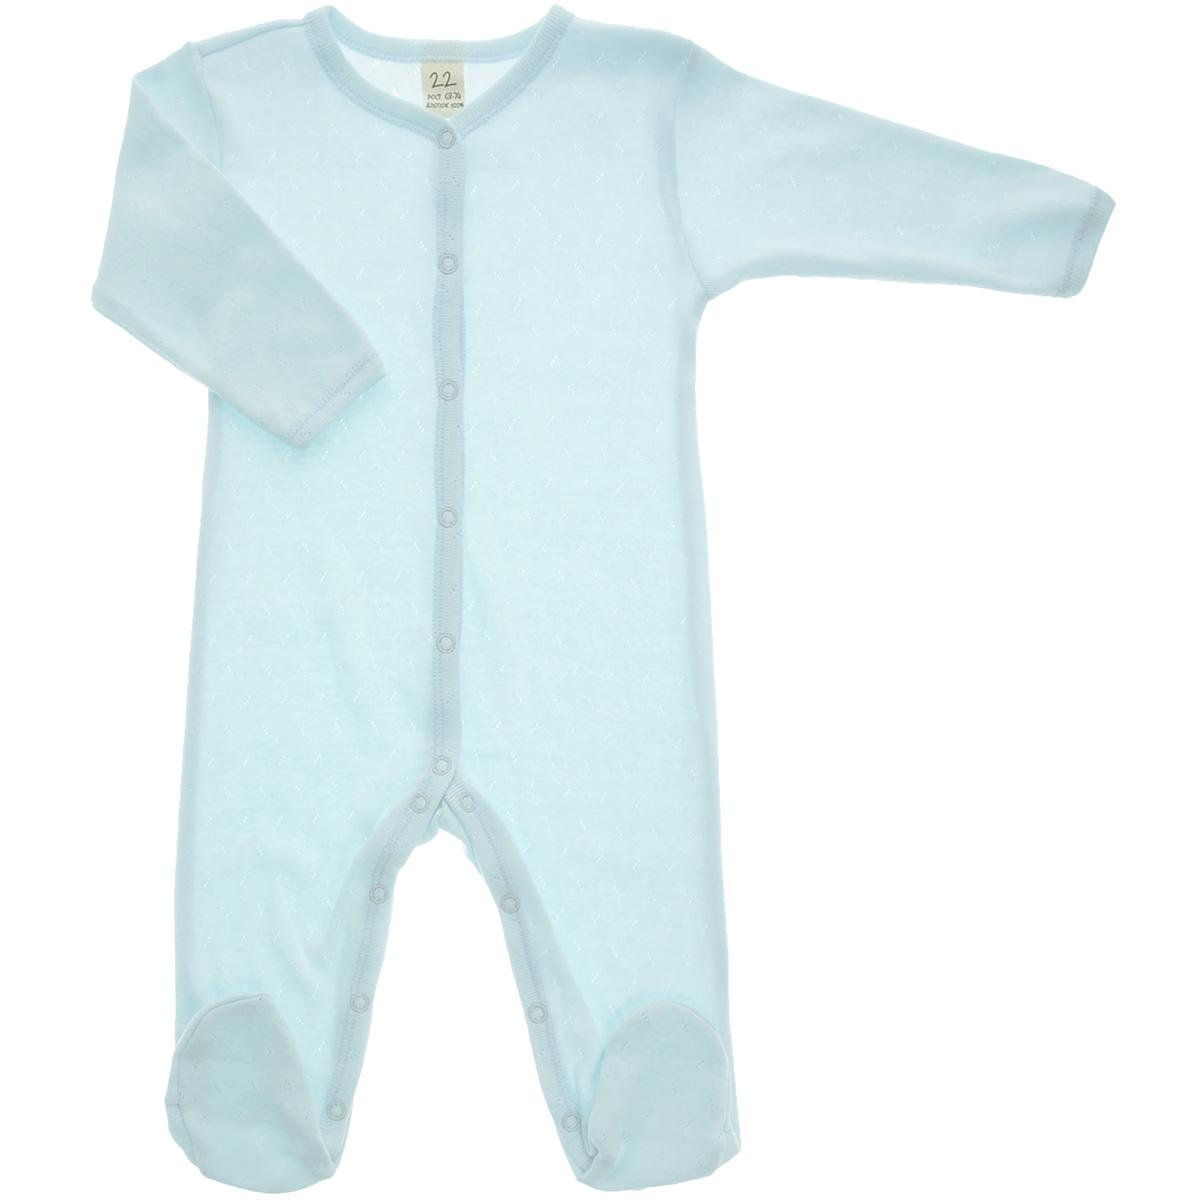 Комбинезон детский Lucky Child Ажур, цвет: голубой. 0-12. Размер 80/860-12Детский комбинезон Lucky Child - очень удобный и практичный вид одежды для малышей. Комбинезон выполнен из натурального хлопка, благодаря чему он необычайно мягкий и приятный на ощупь, не раздражают нежную кожу ребенка и хорошо вентилируются, а эластичные швы приятны телу малыша и не препятствуют его движениям. Комбинезон с длинными рукавами и закрытыми ножками имеет застежки-кнопки от горловины до щиколоток, которые помогают легко переодеть младенца или сменить подгузник.Модель выполнена из ткани с ажурным узором. С детским комбинезоном Lucky Child спинка и ножки вашего малыша всегда будут в тепле, он идеален для использования днем и незаменим ночью. Комбинезон полностью соответствует особенностям жизни младенца в ранний период, не стесняя и не ограничивая его в движениях!